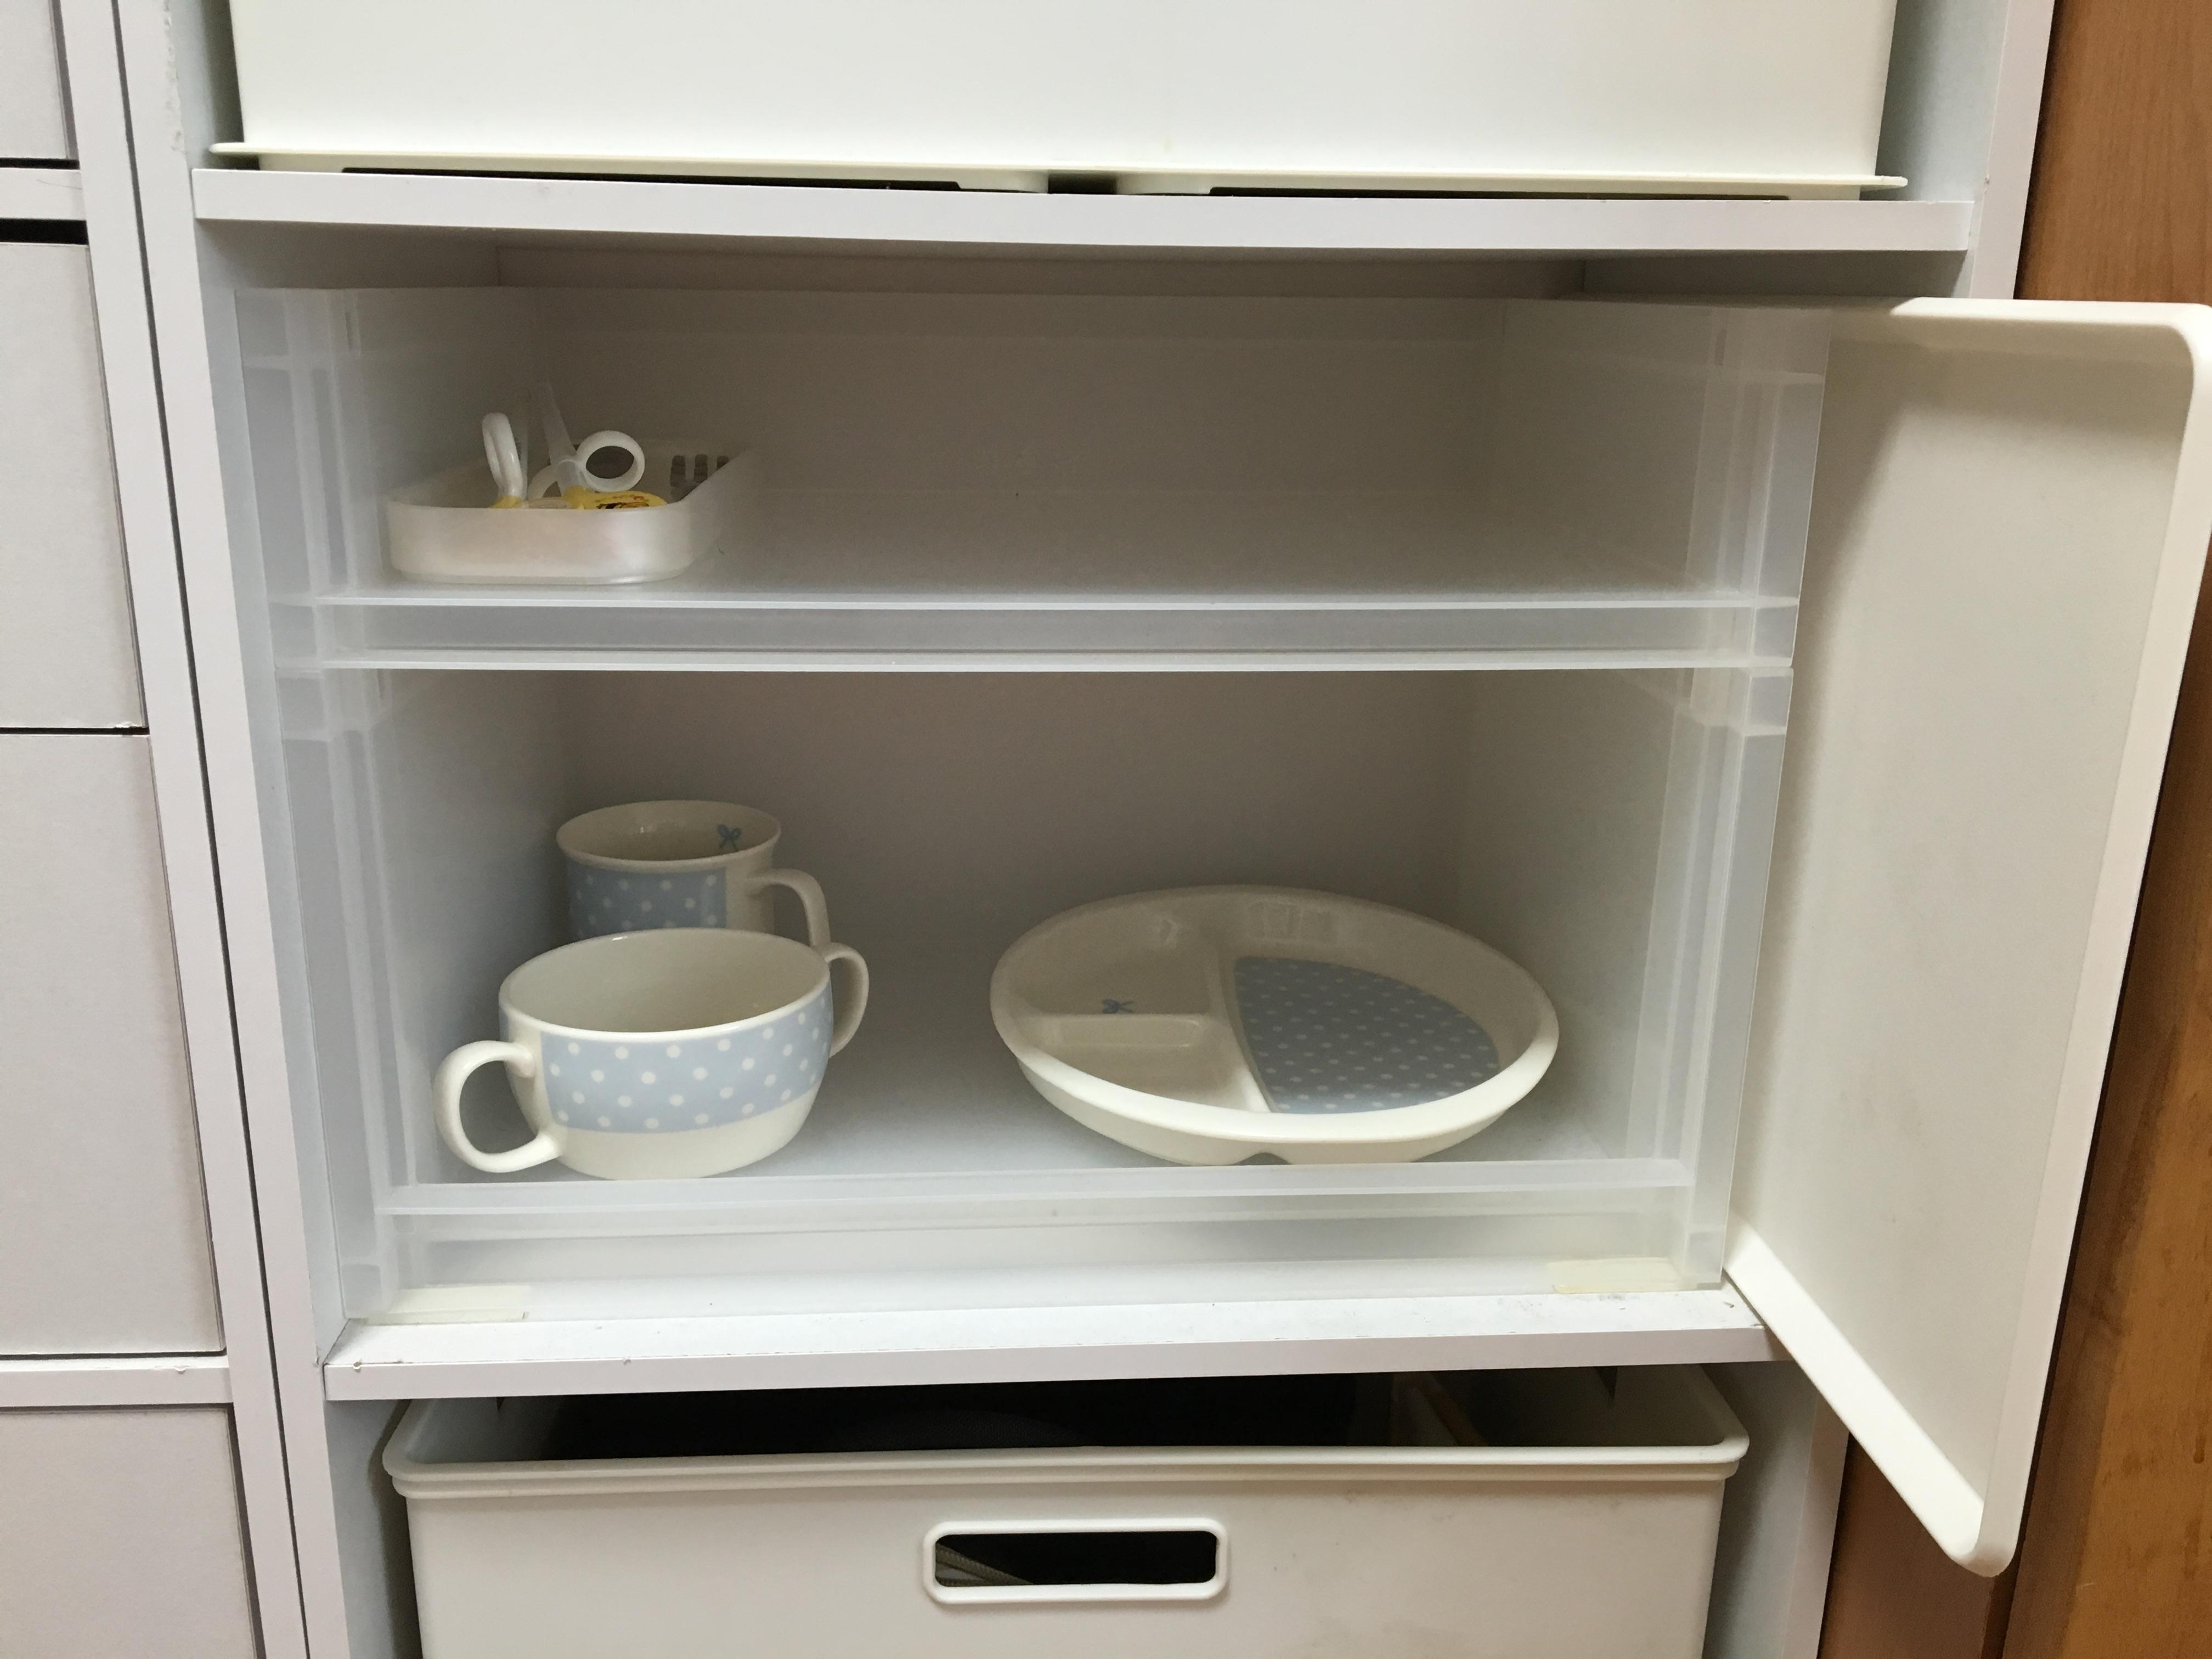 娘の専用の食器はキッチンにおいてあるカラボの中段に、無印良品のポリプロピレン収納ラックを入れて収納しています。 薄型と深型を組み合わせています。